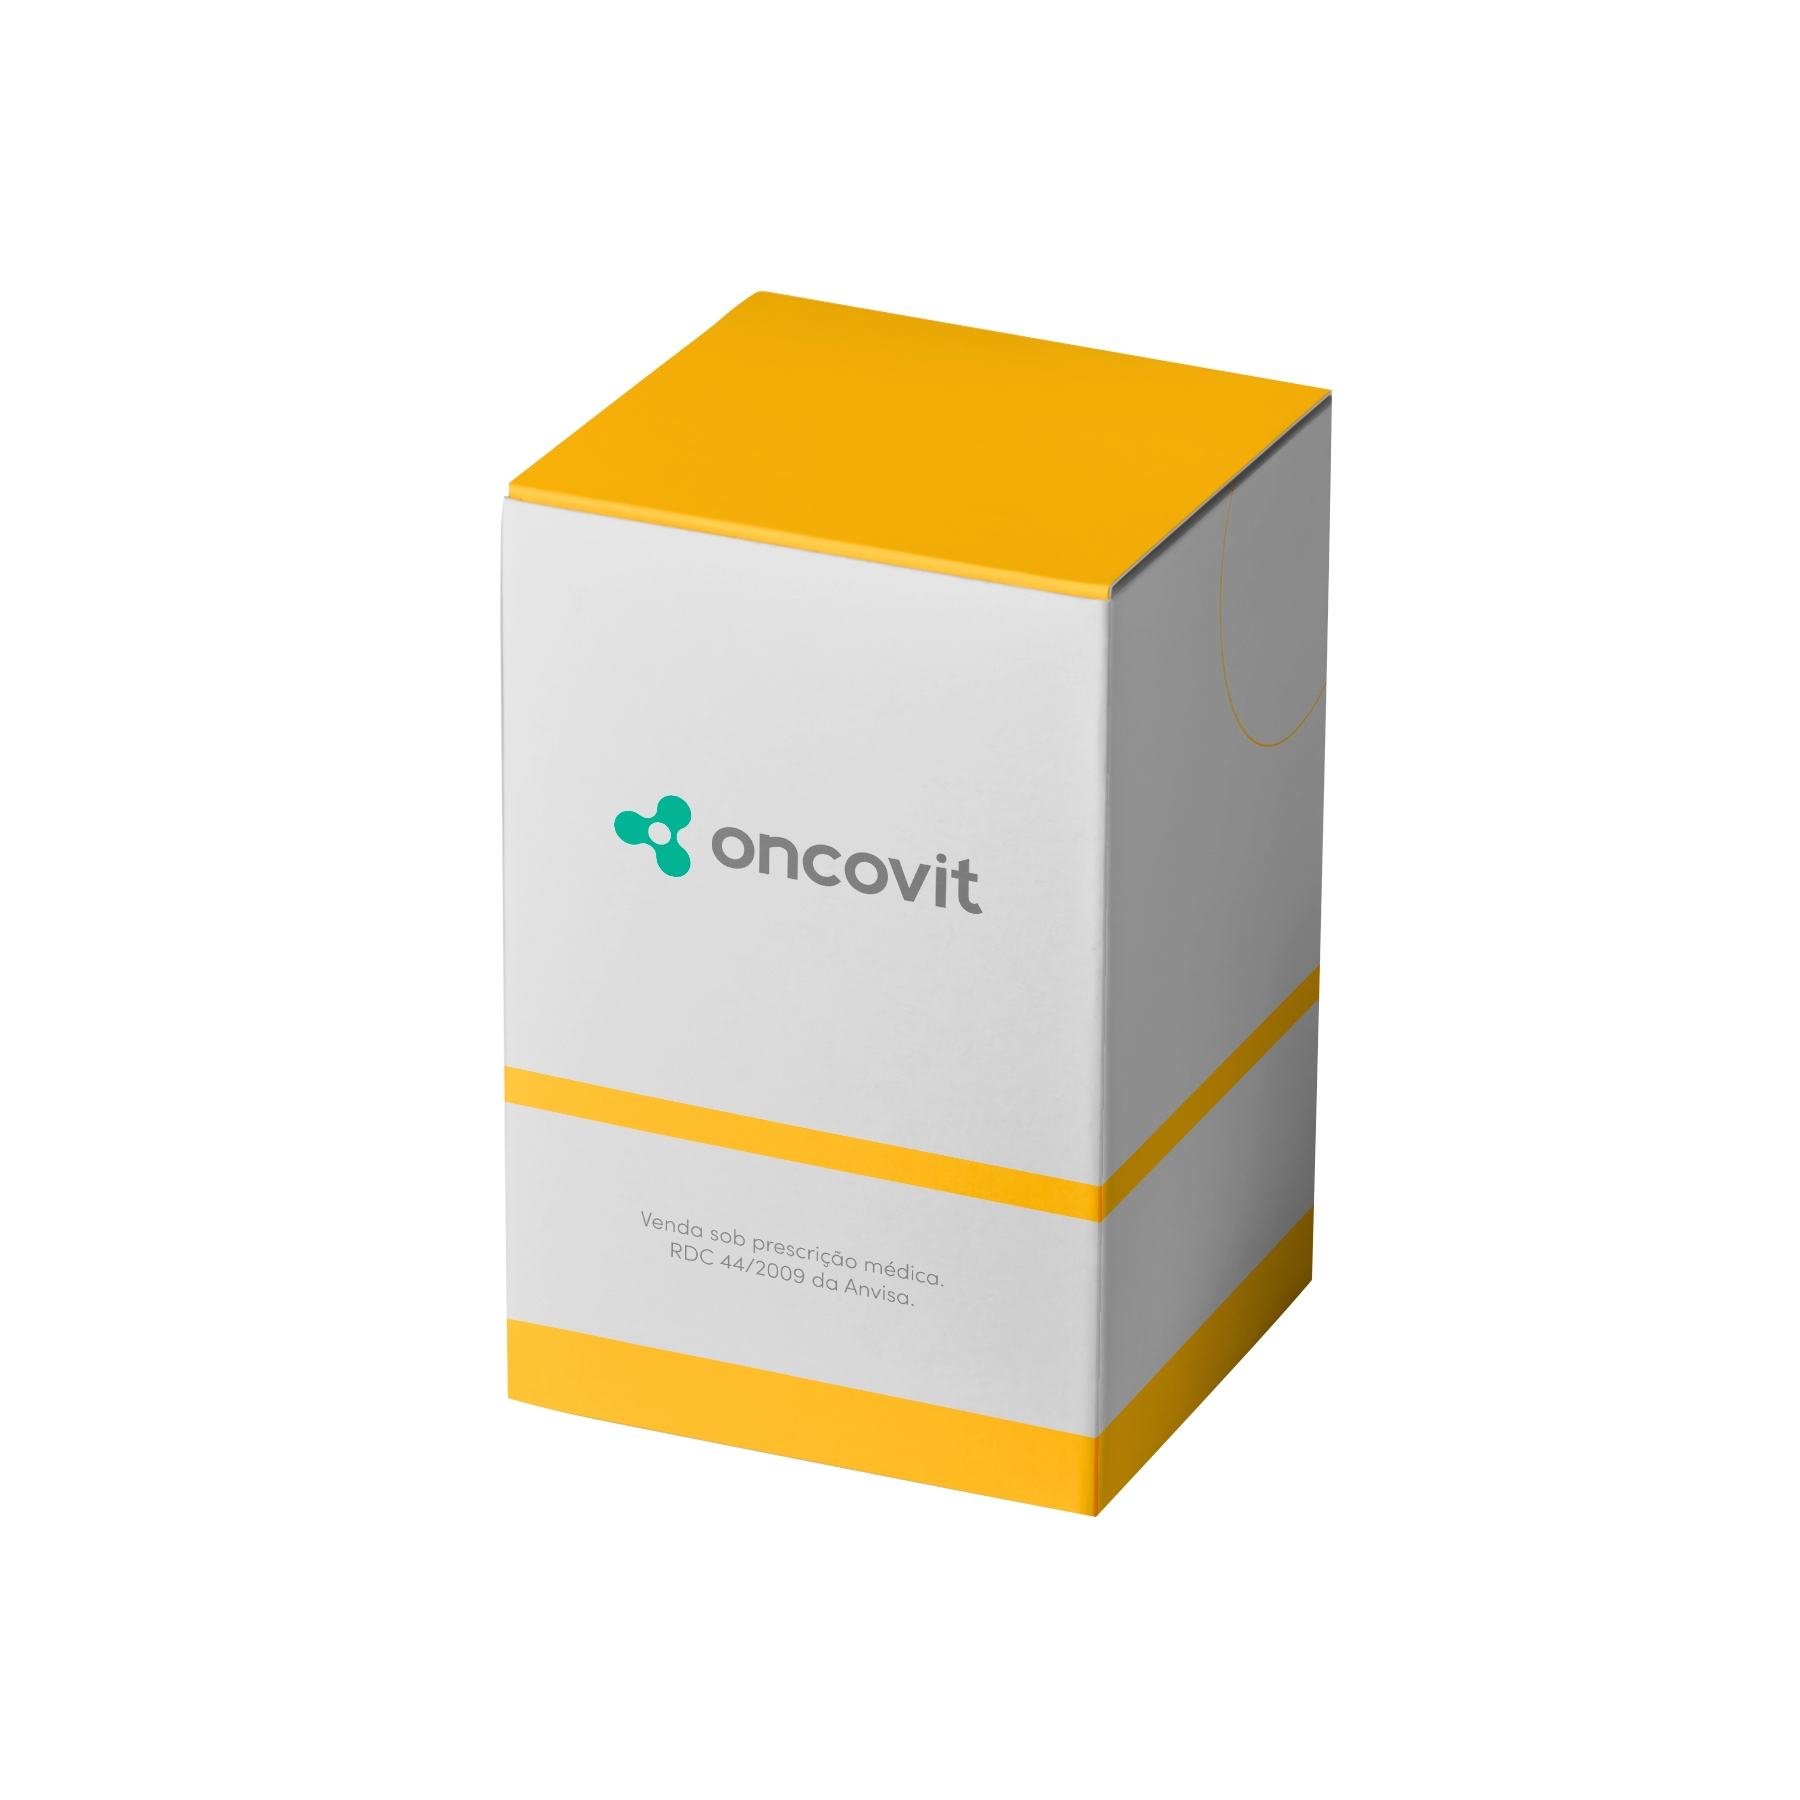 Brilinta 90mg caixa com 60 comprimidos revestidos